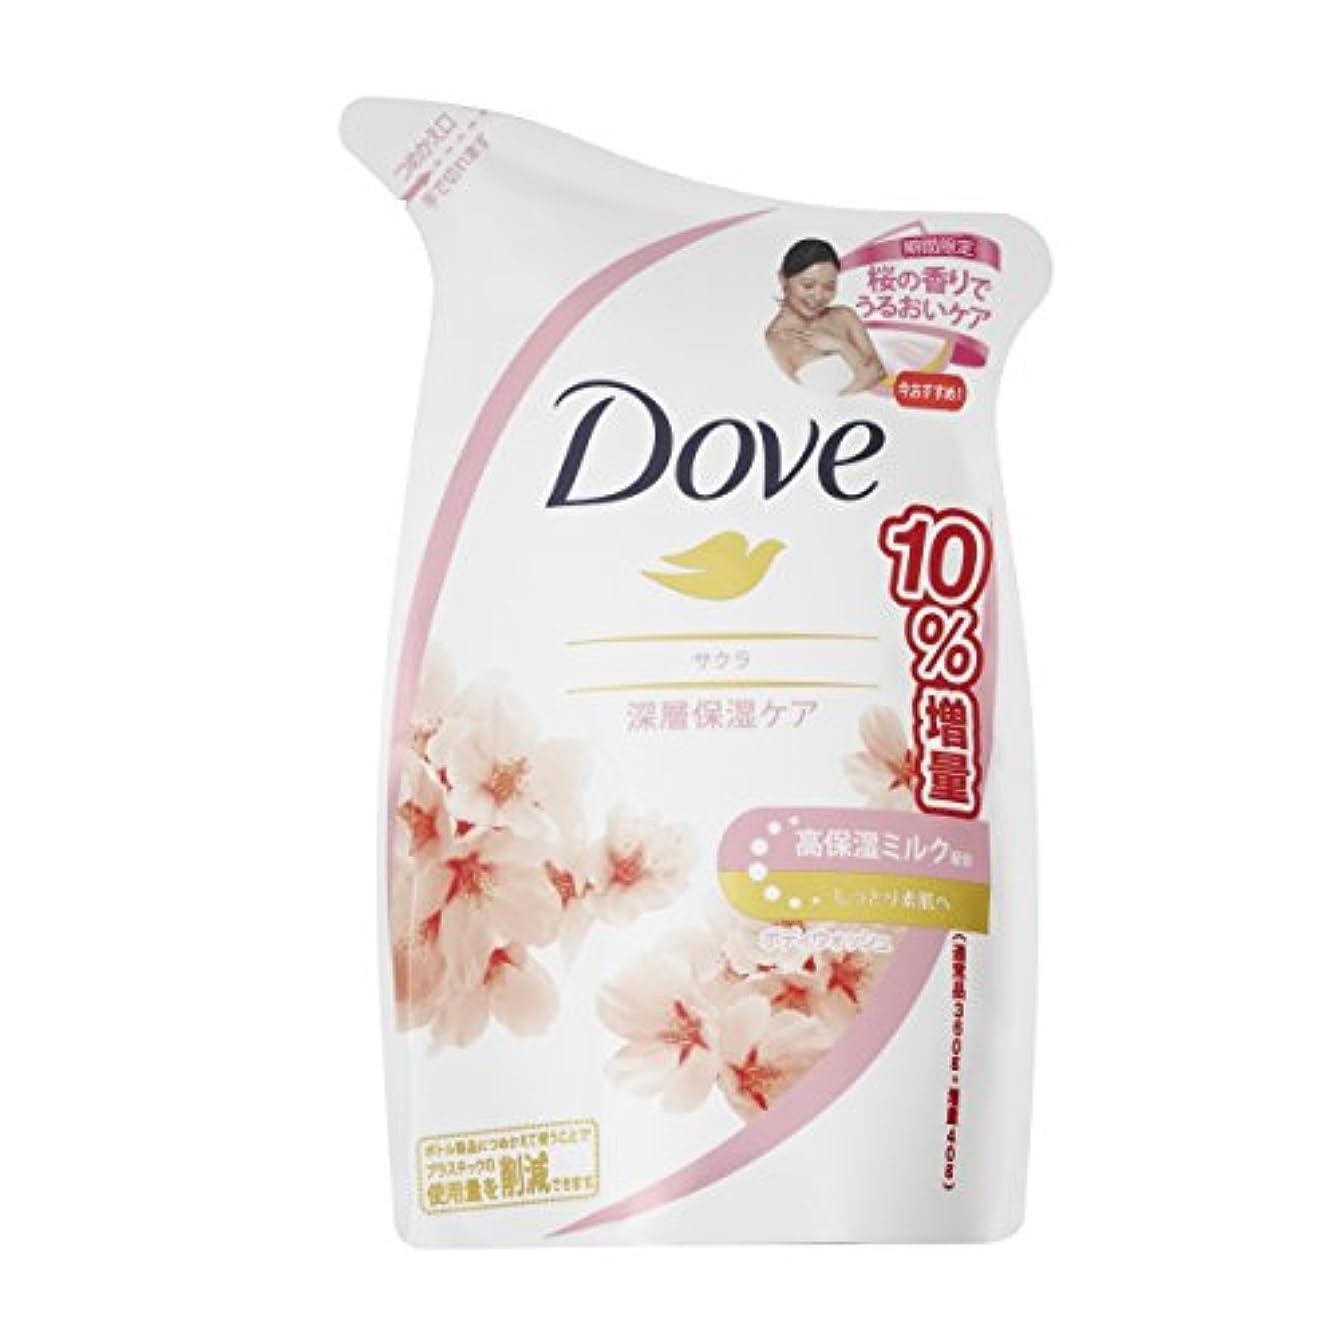 四回引き付ける支援Dove ダヴ ボディウォッシュ サクラ つめかえ用 増量品 400g